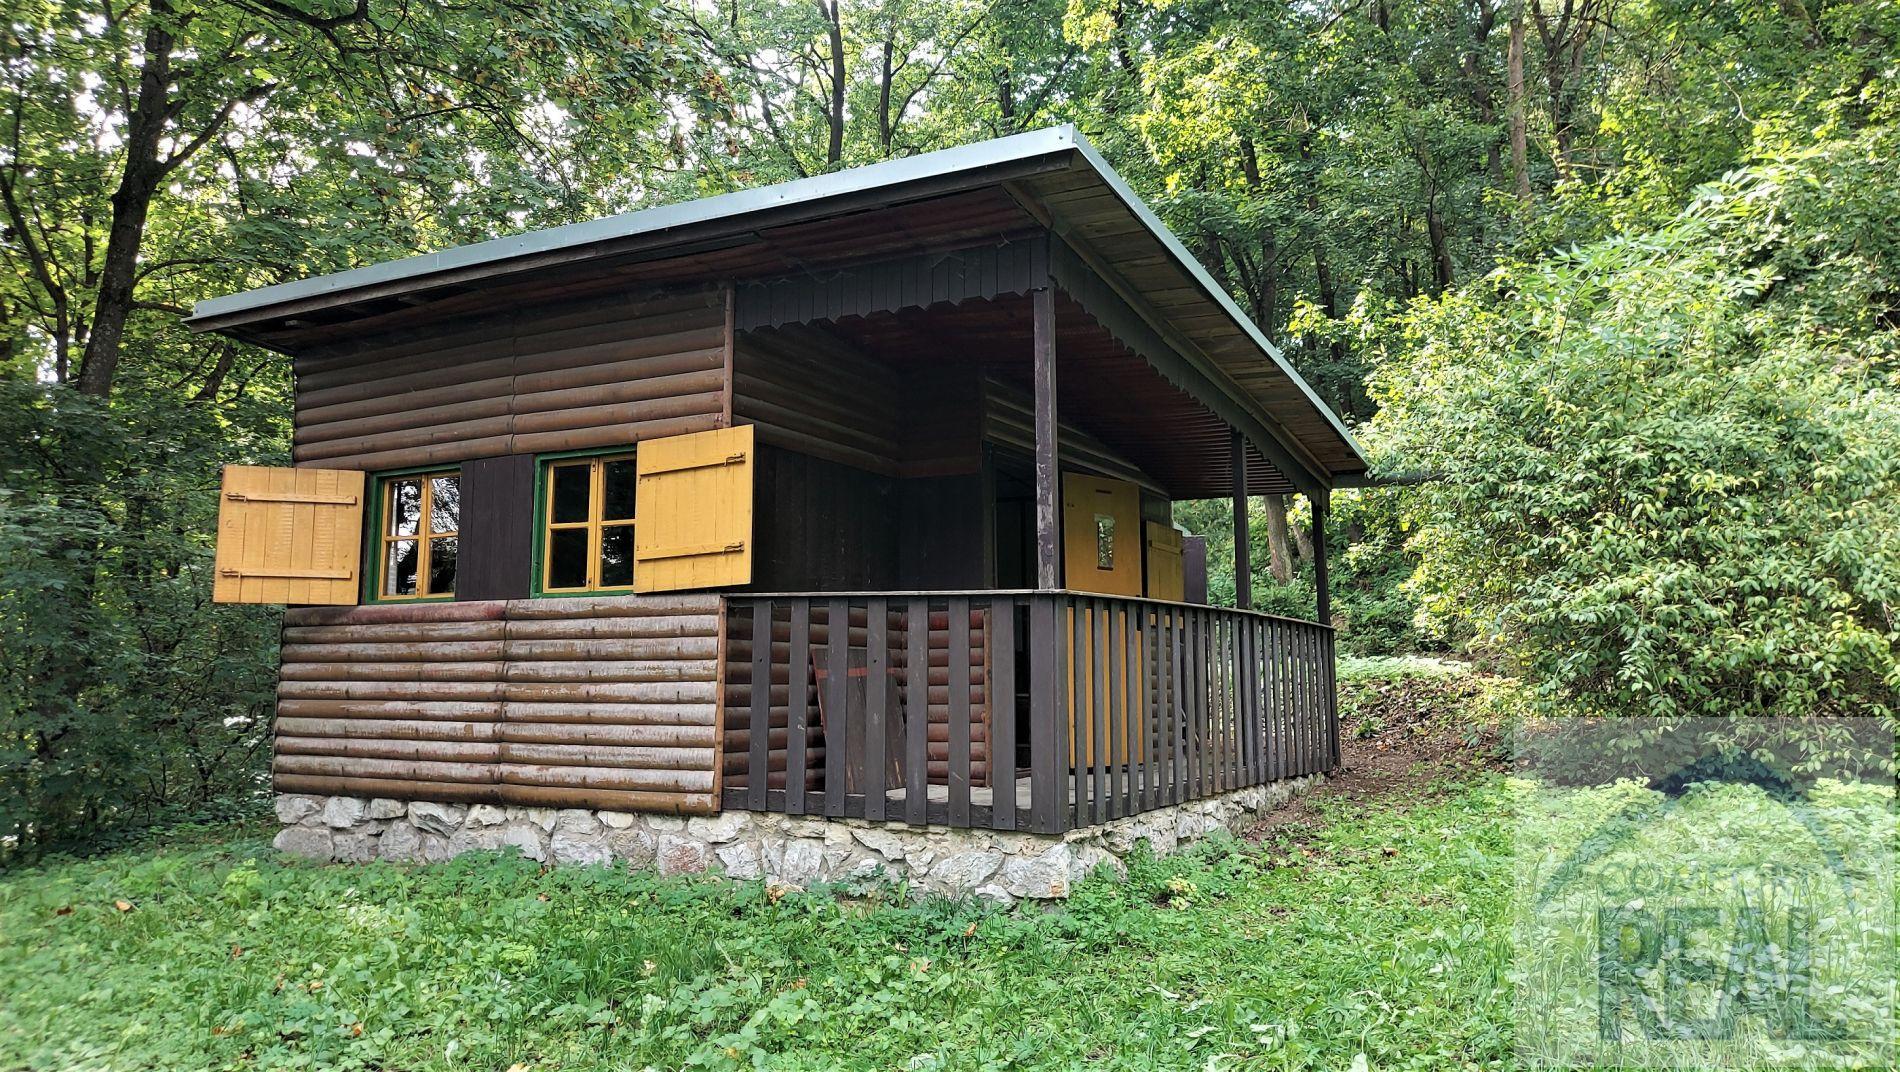 Prodej chaty 1+kk s verandou, 31 m, Hostěnice, okres Brno-venkov.